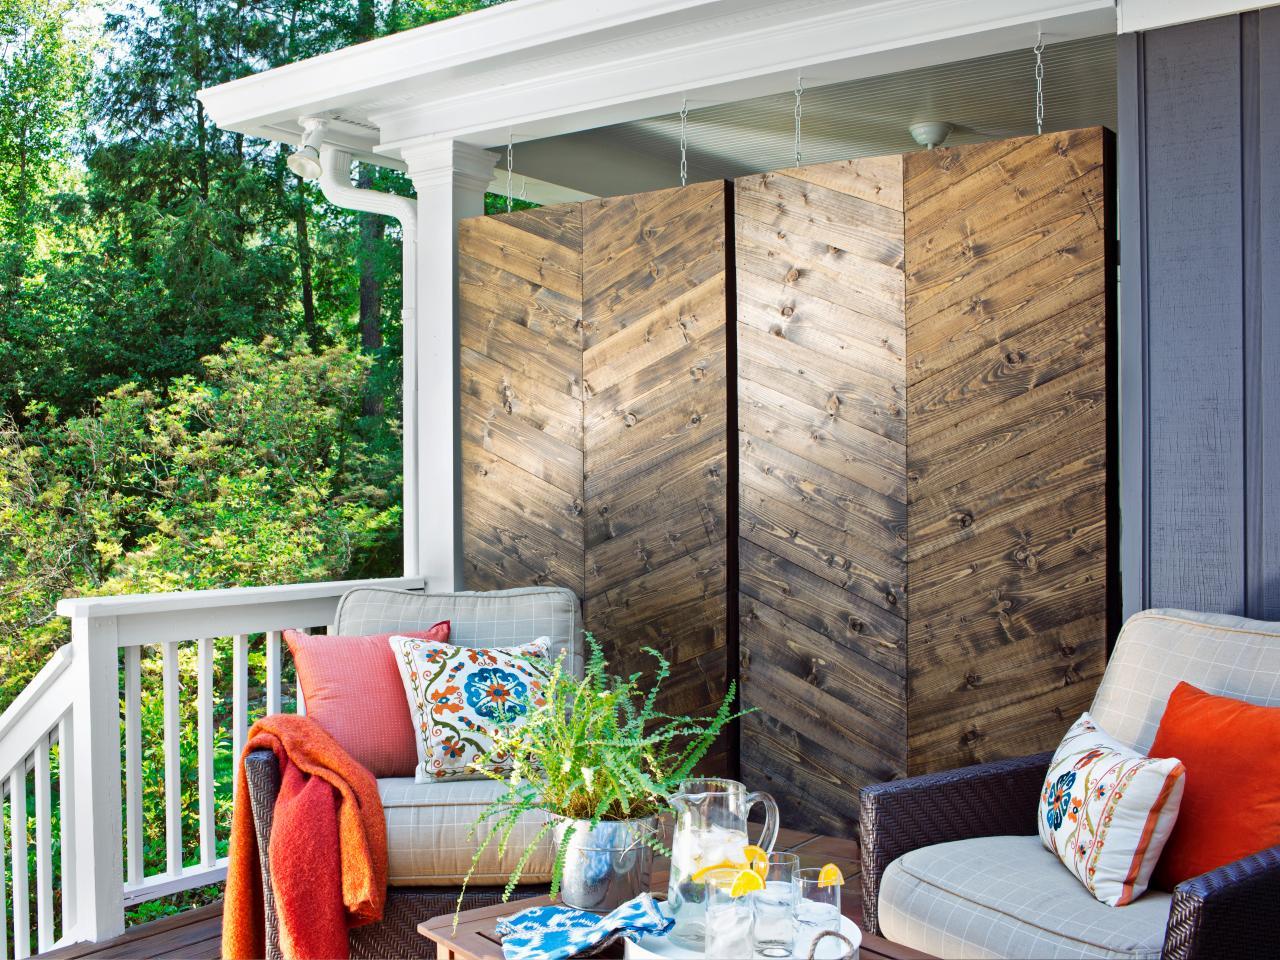 Make Your Own Raised Garden Box